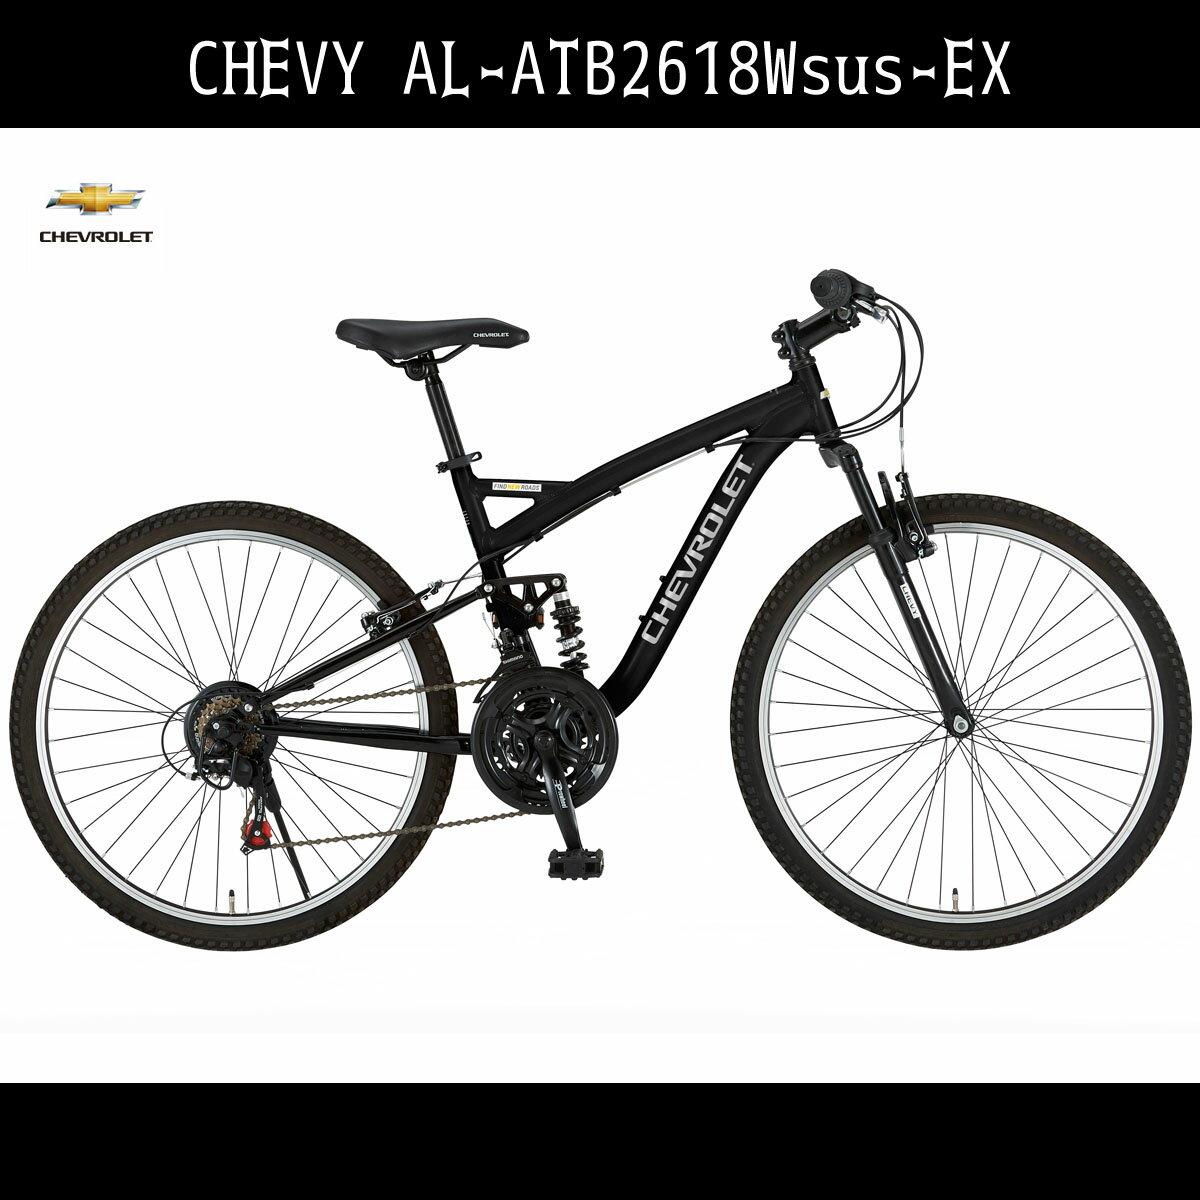 送料無料 シボレー マウンテンバイク 自転車 ブラック 黒色26インチ 外装18段変速ギア アルミ CHEVROLET CHEVY シェビー 自転車 シボレー AL-ATB2618EX アルミニウム ギア付 激安 通販 おしゃれ